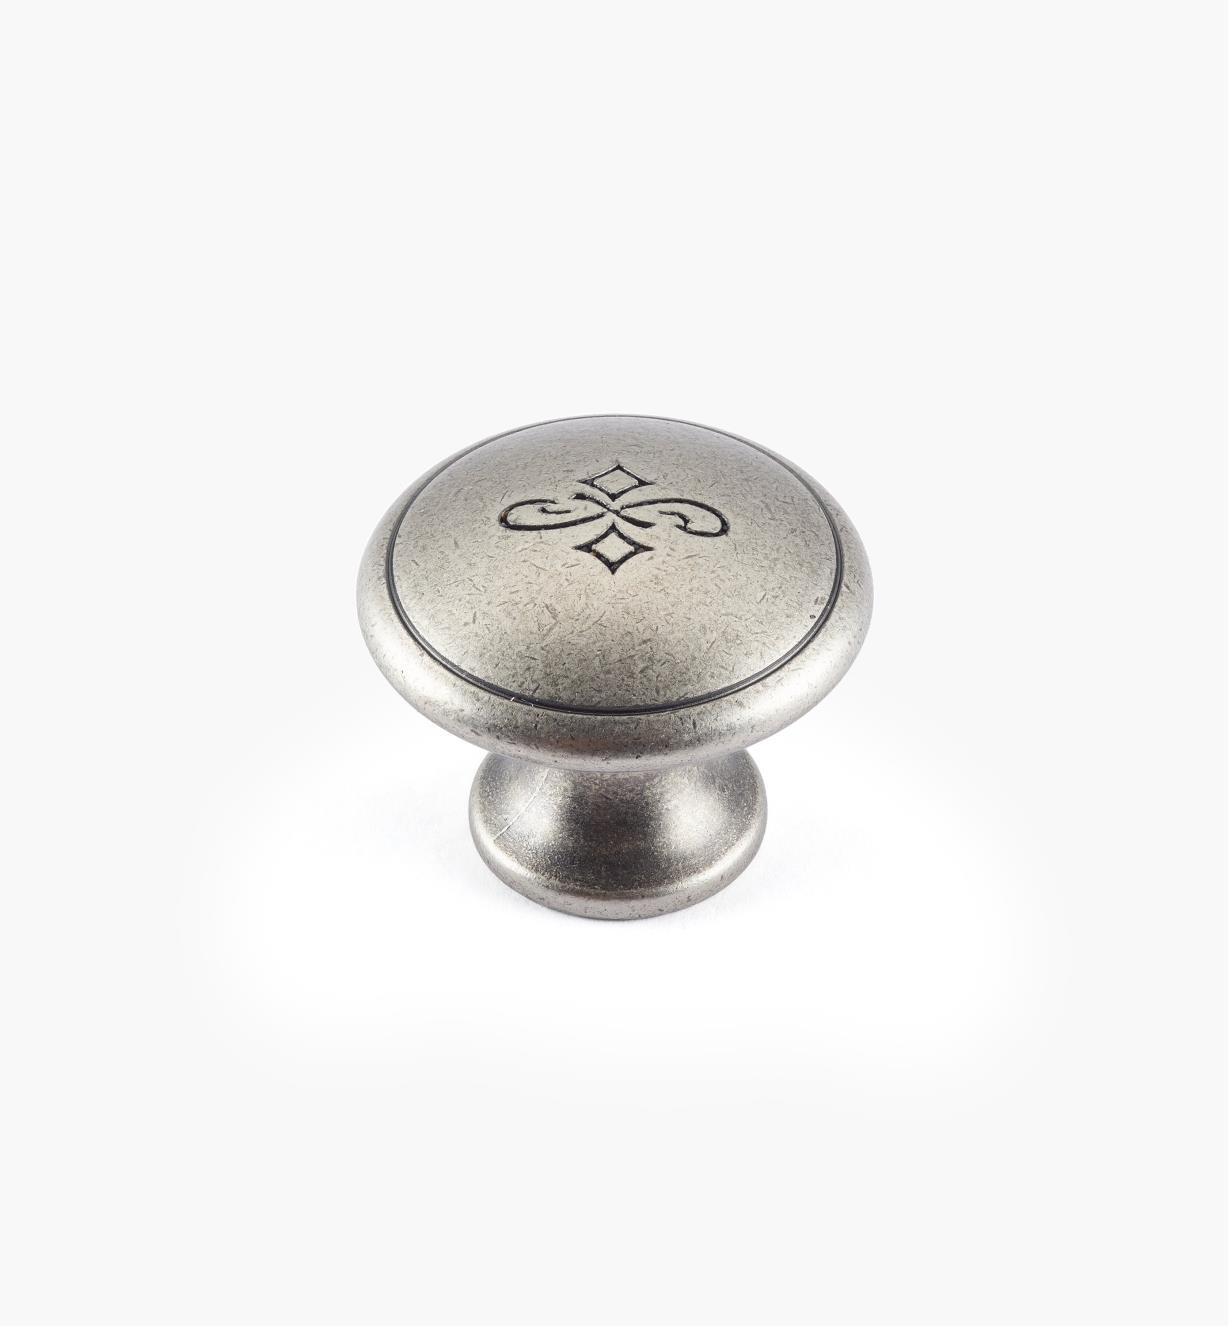 01X4114 - Bouton gravé de 25 mm x 20 mm, fini étain